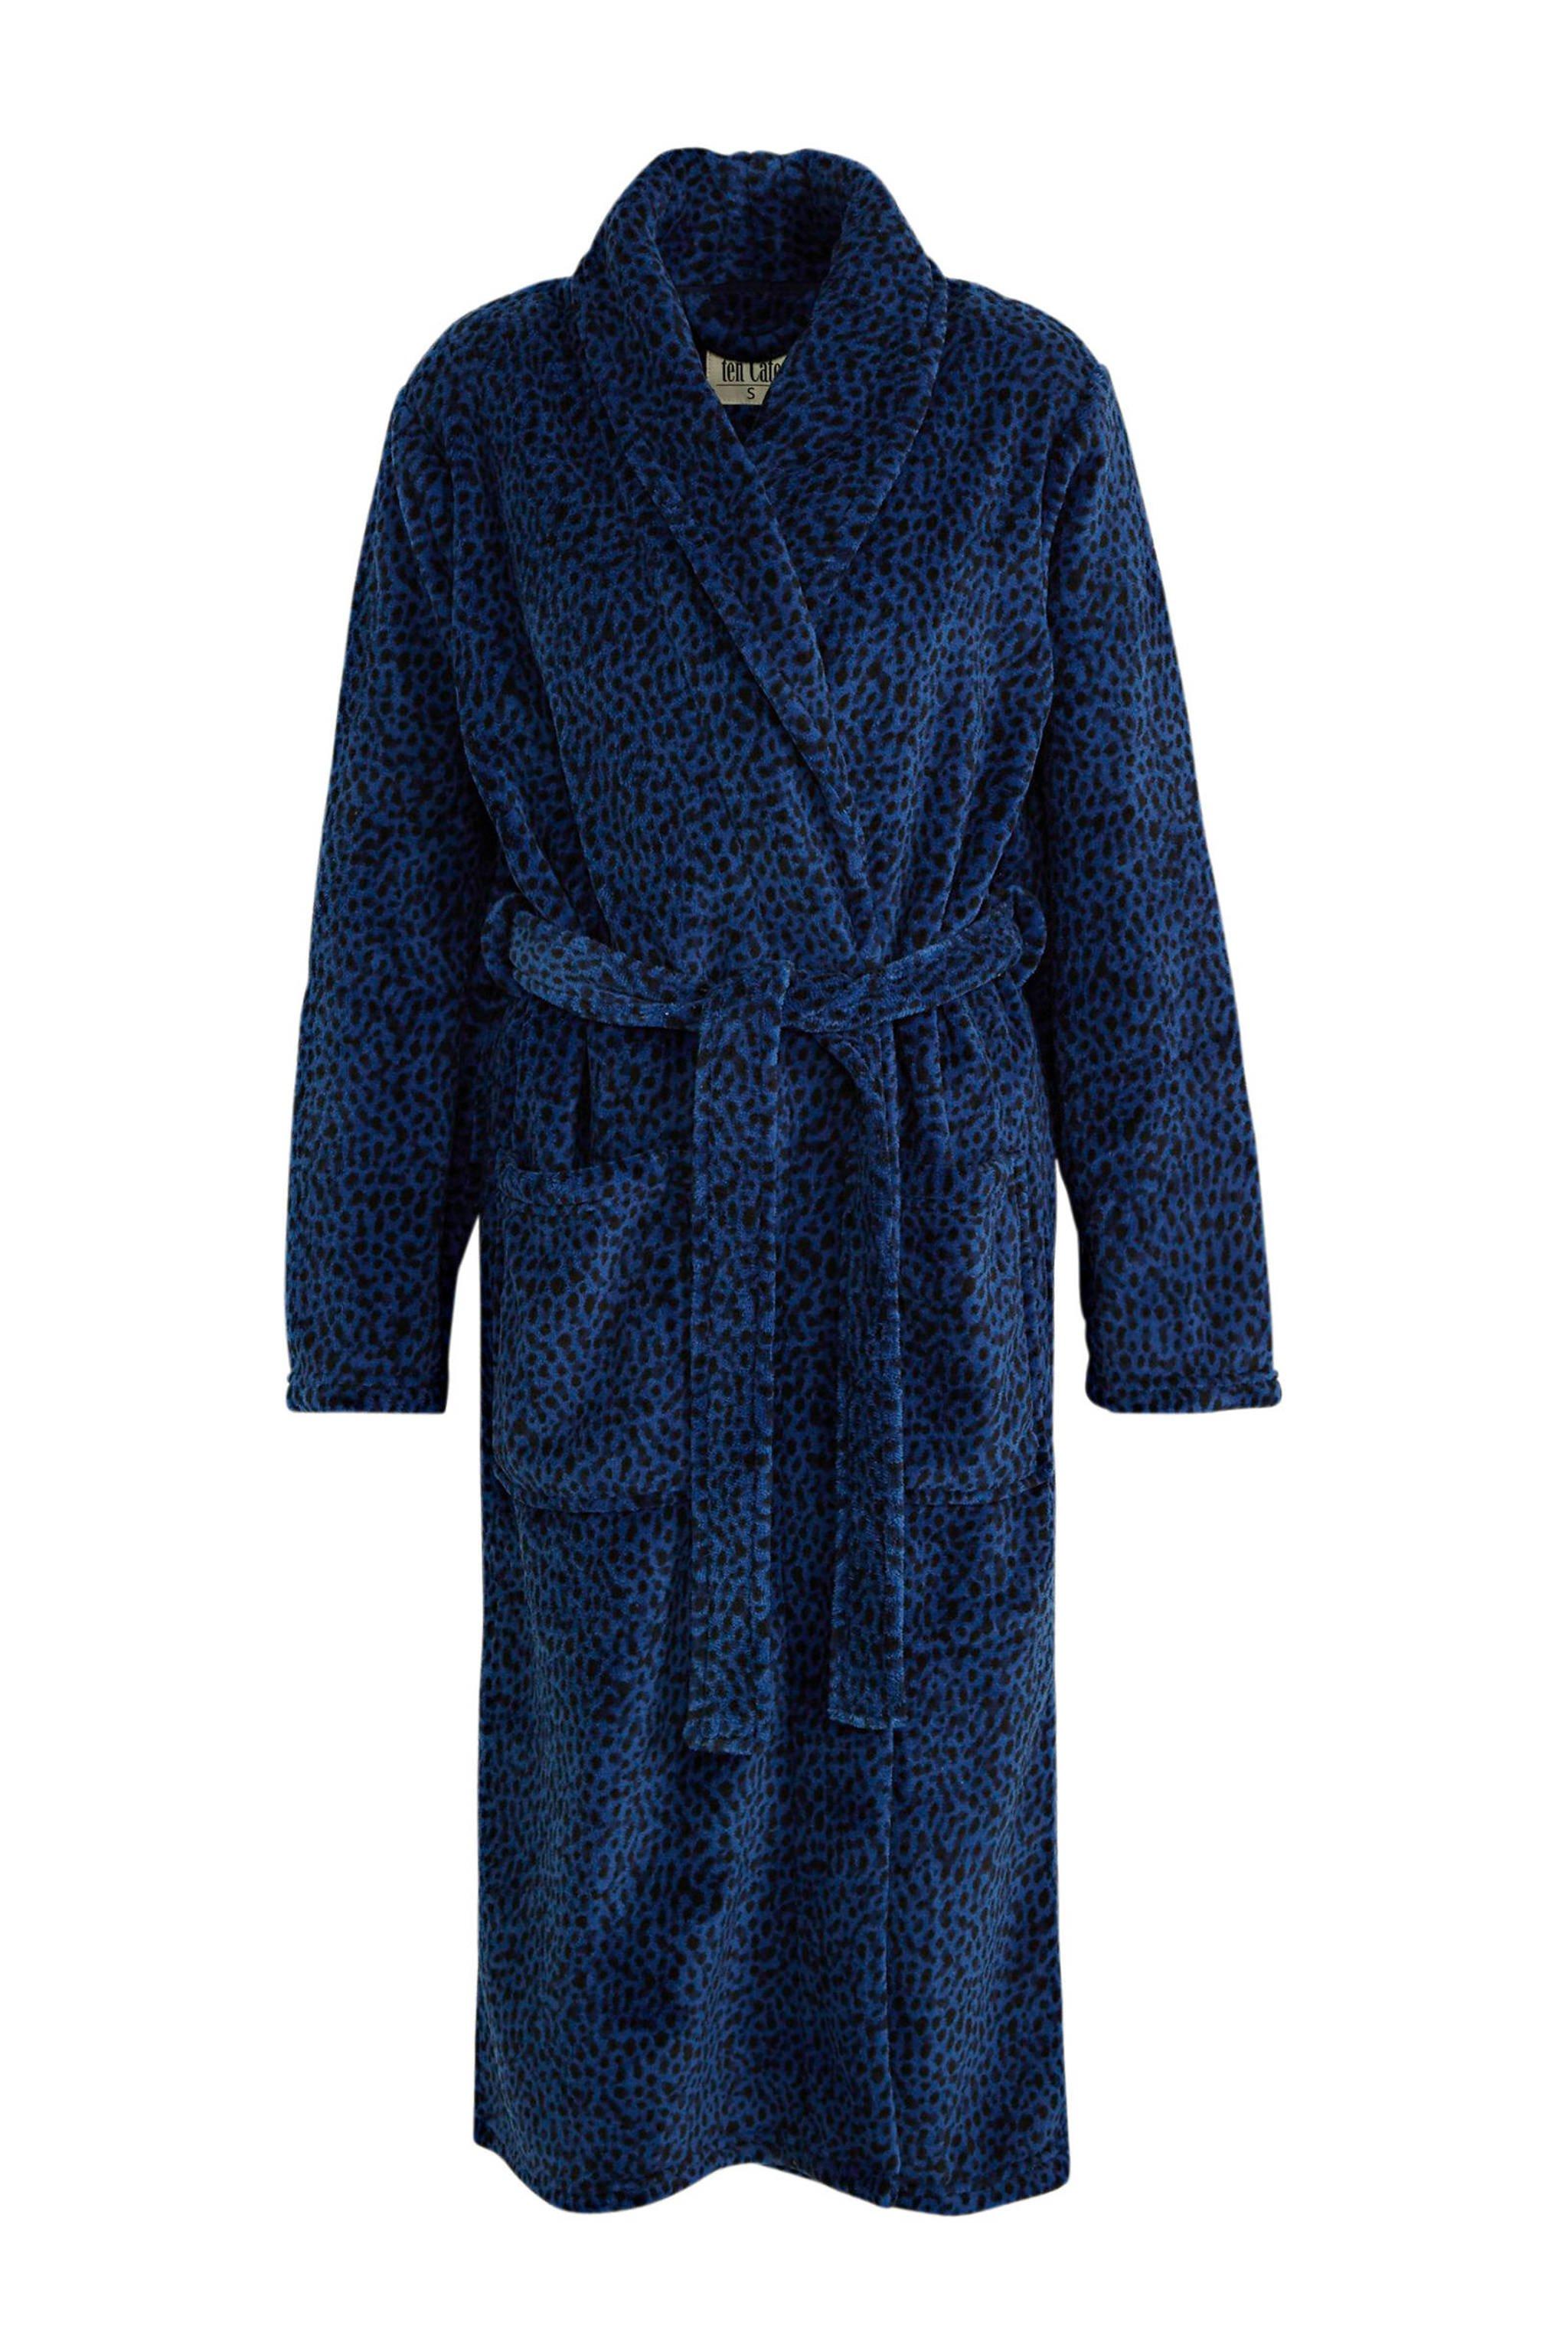 ten Cate fleece badjas met all over print donkerblauw